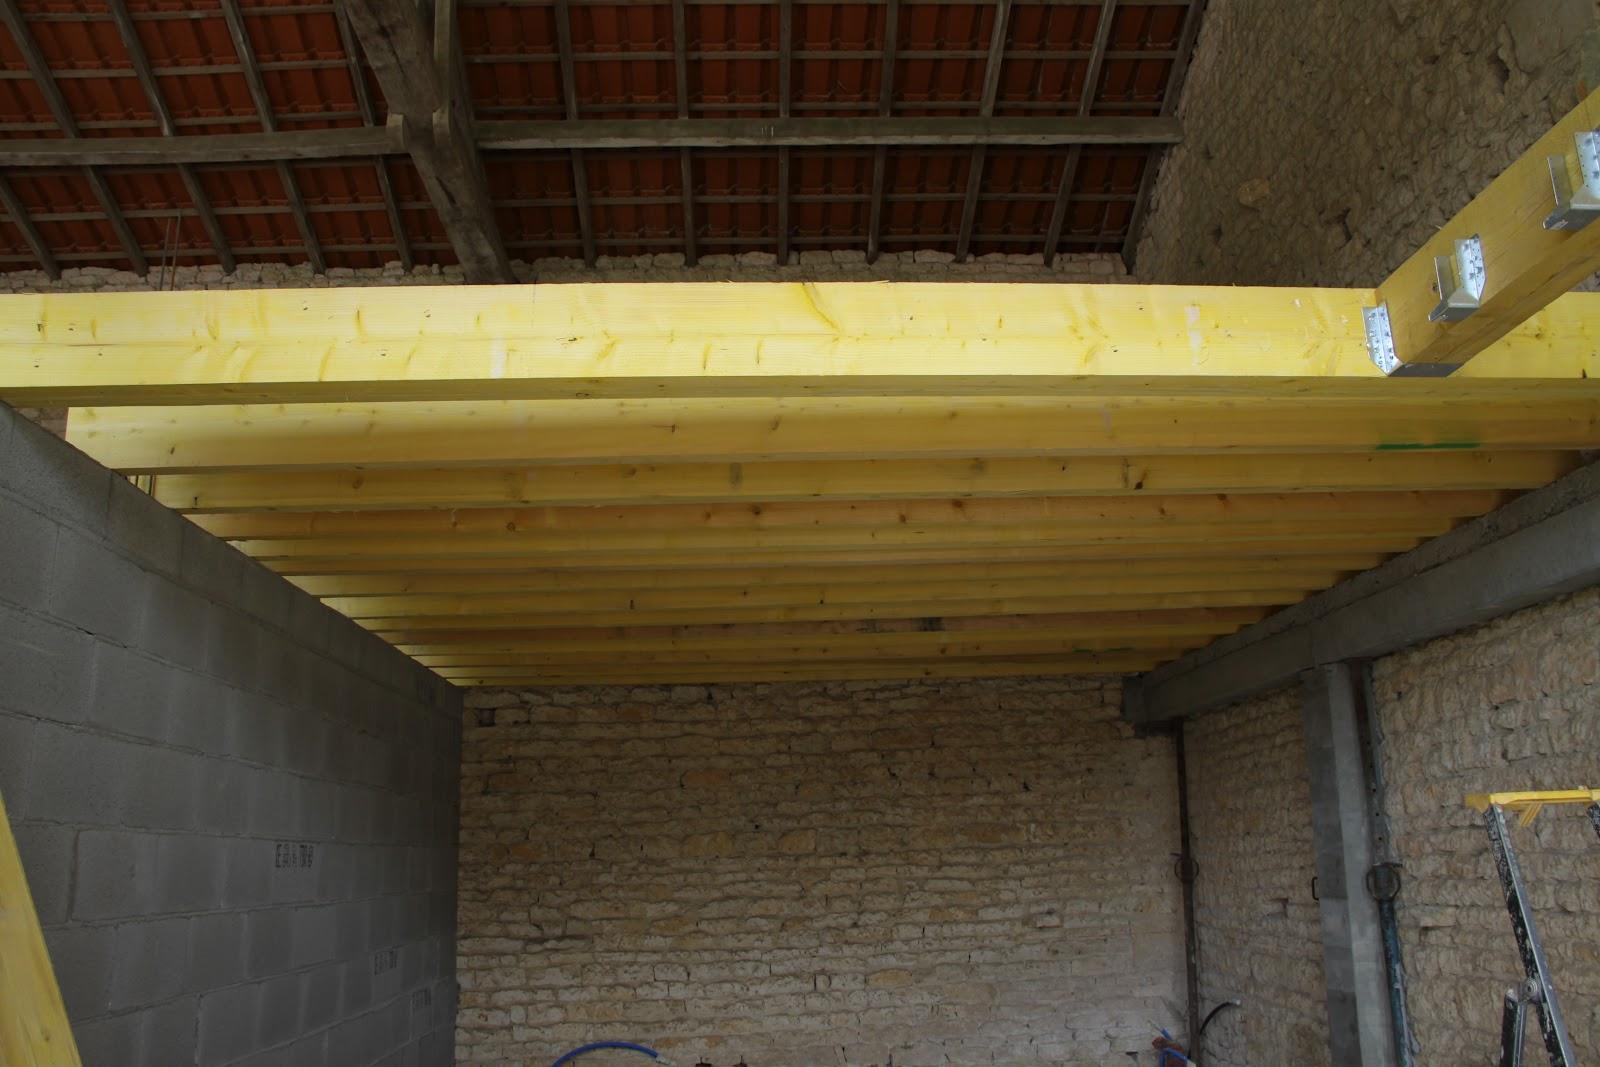 projet maison ossature bois MONTAGE MUR LOCATIF ET PLANCHER 01 JUILLET # Plancher Maison Ossature Bois